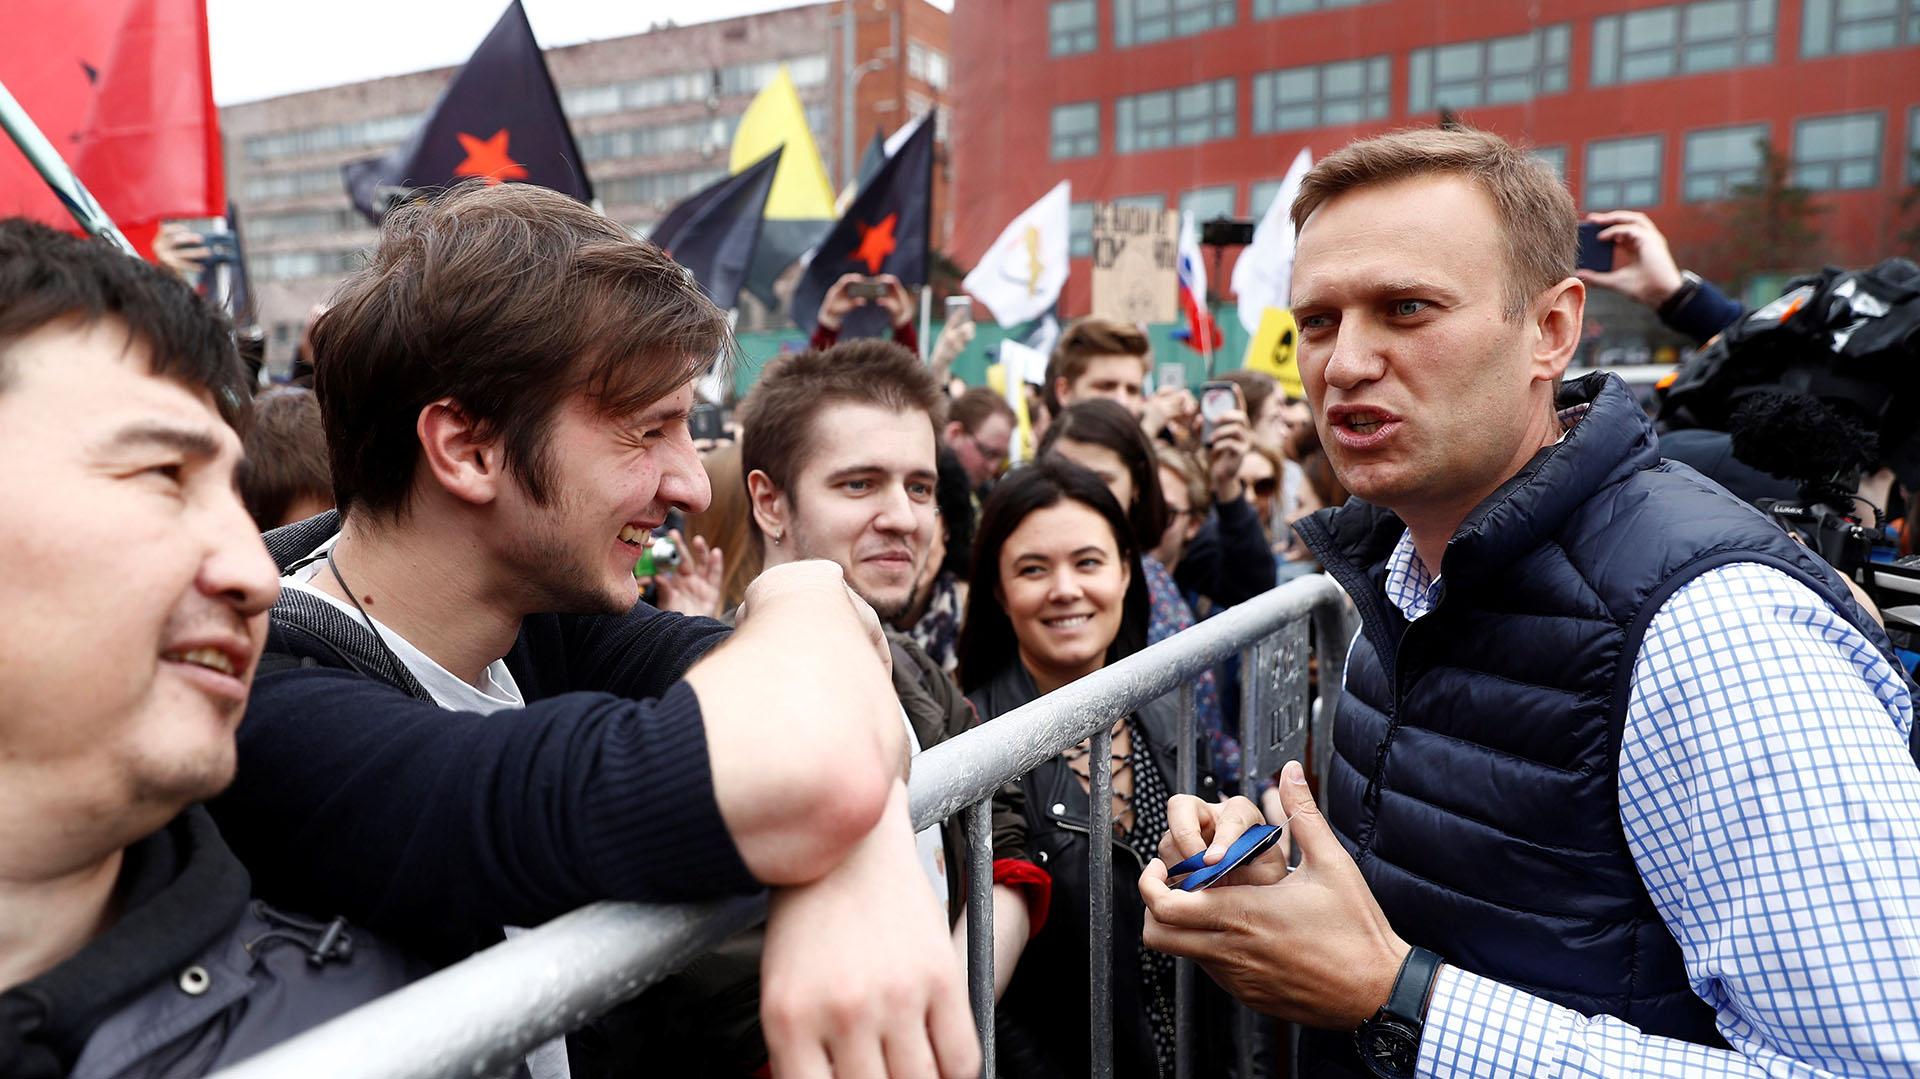 Miles de personas han acudido a la convocatoria de Navalni en el centro de Moscú y San Petersburgo, las dos ciudades más importantes del país (EFE)